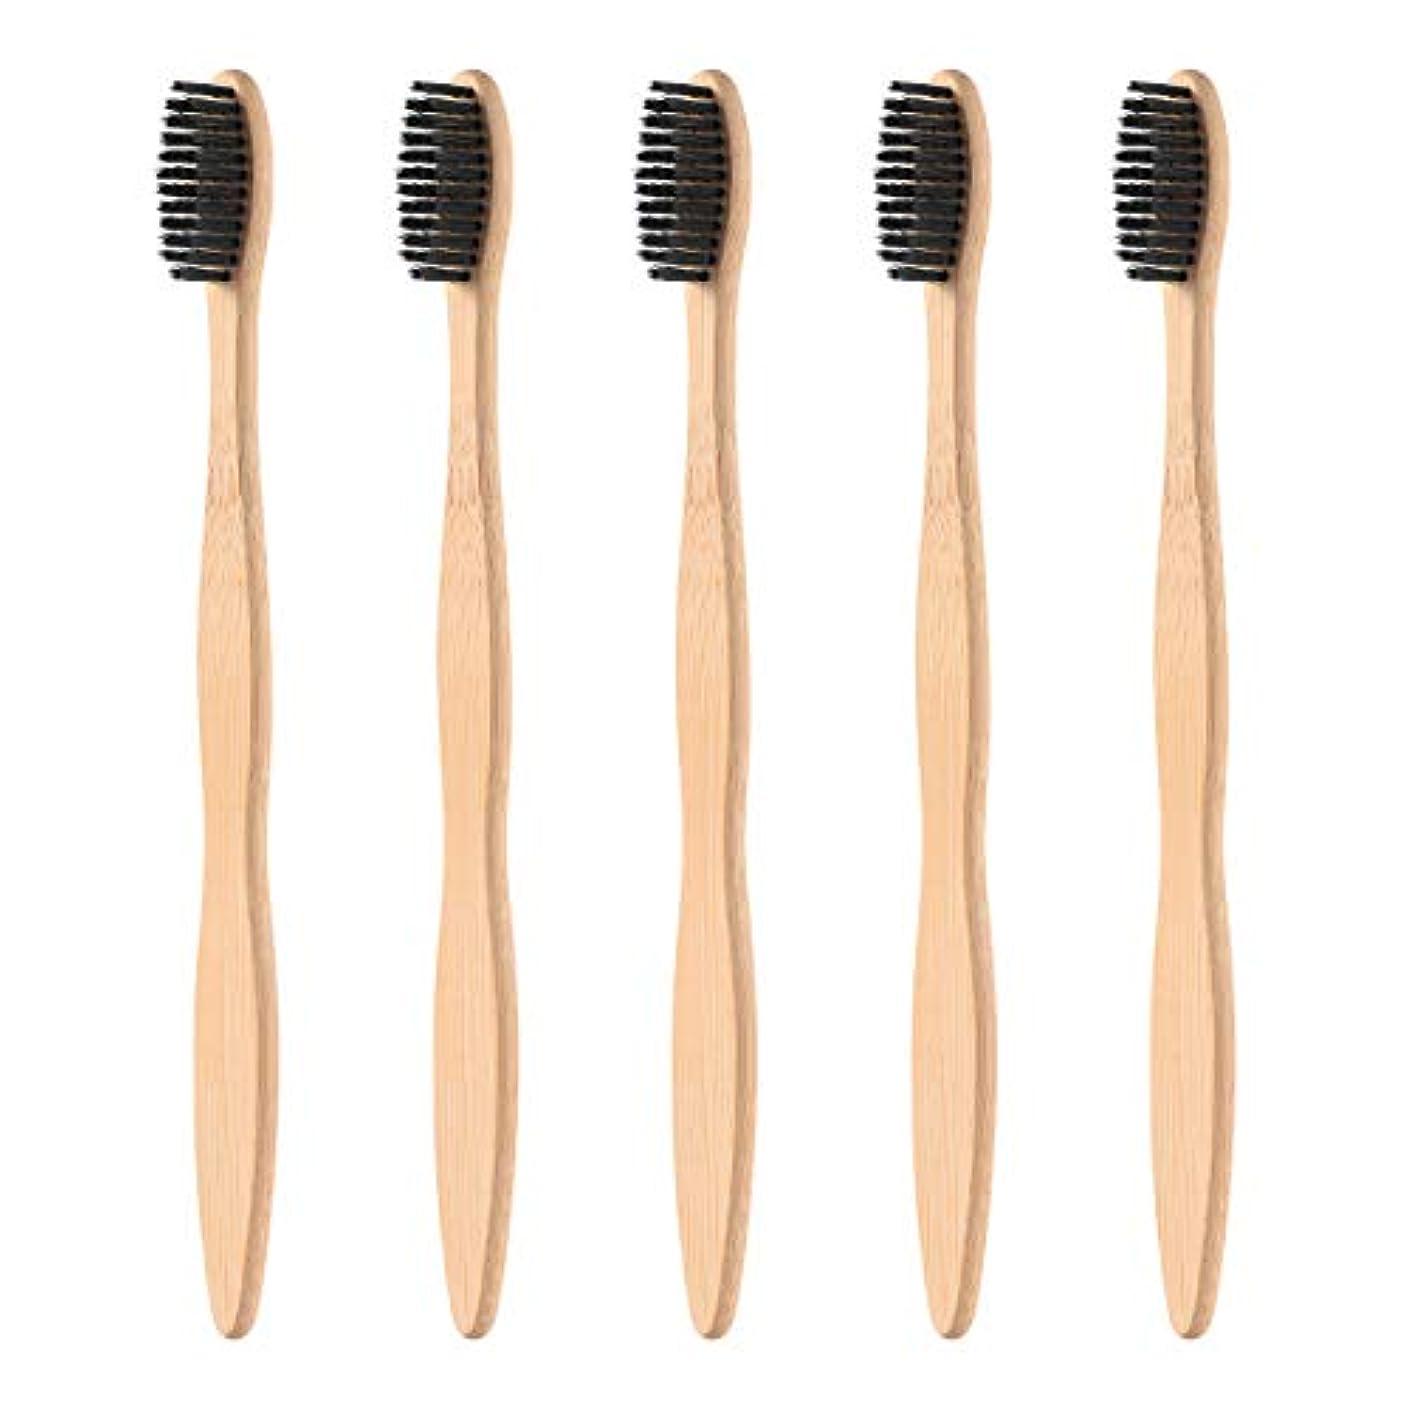 テセウス廊下エージェントHealifty 柔らかい黒い剛毛が付いている5pcsタケハンドルの歯ブラシの自然な木のEcoの友好的な歯ブラシ